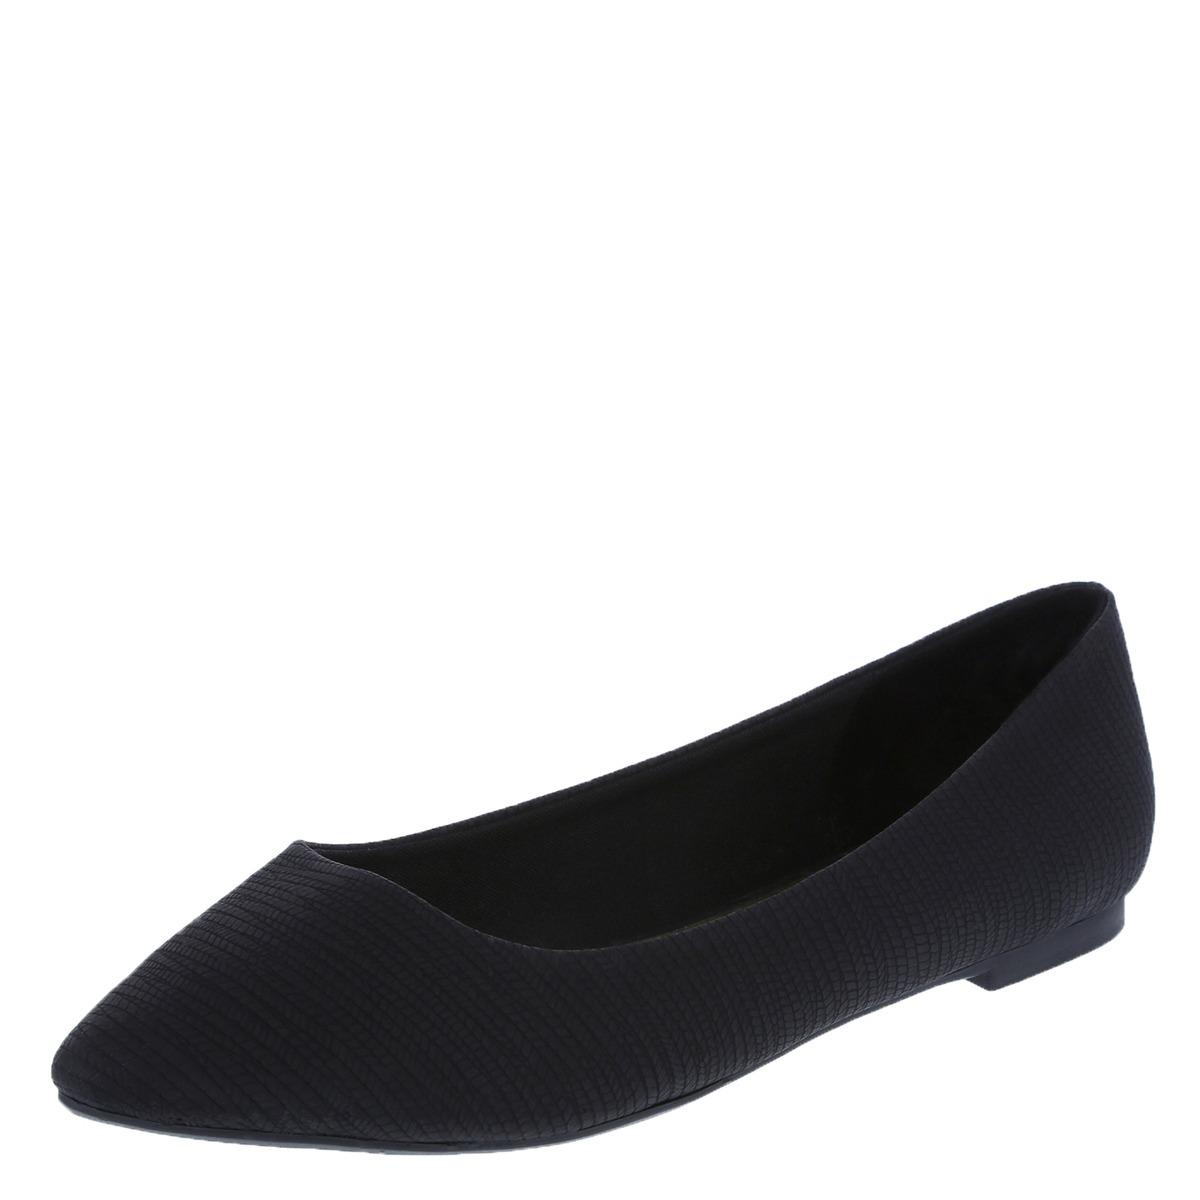 29975a8c4256 Zapatos De Vestir Mujer Christian Siriano Gigi Point -   27.990 en ...